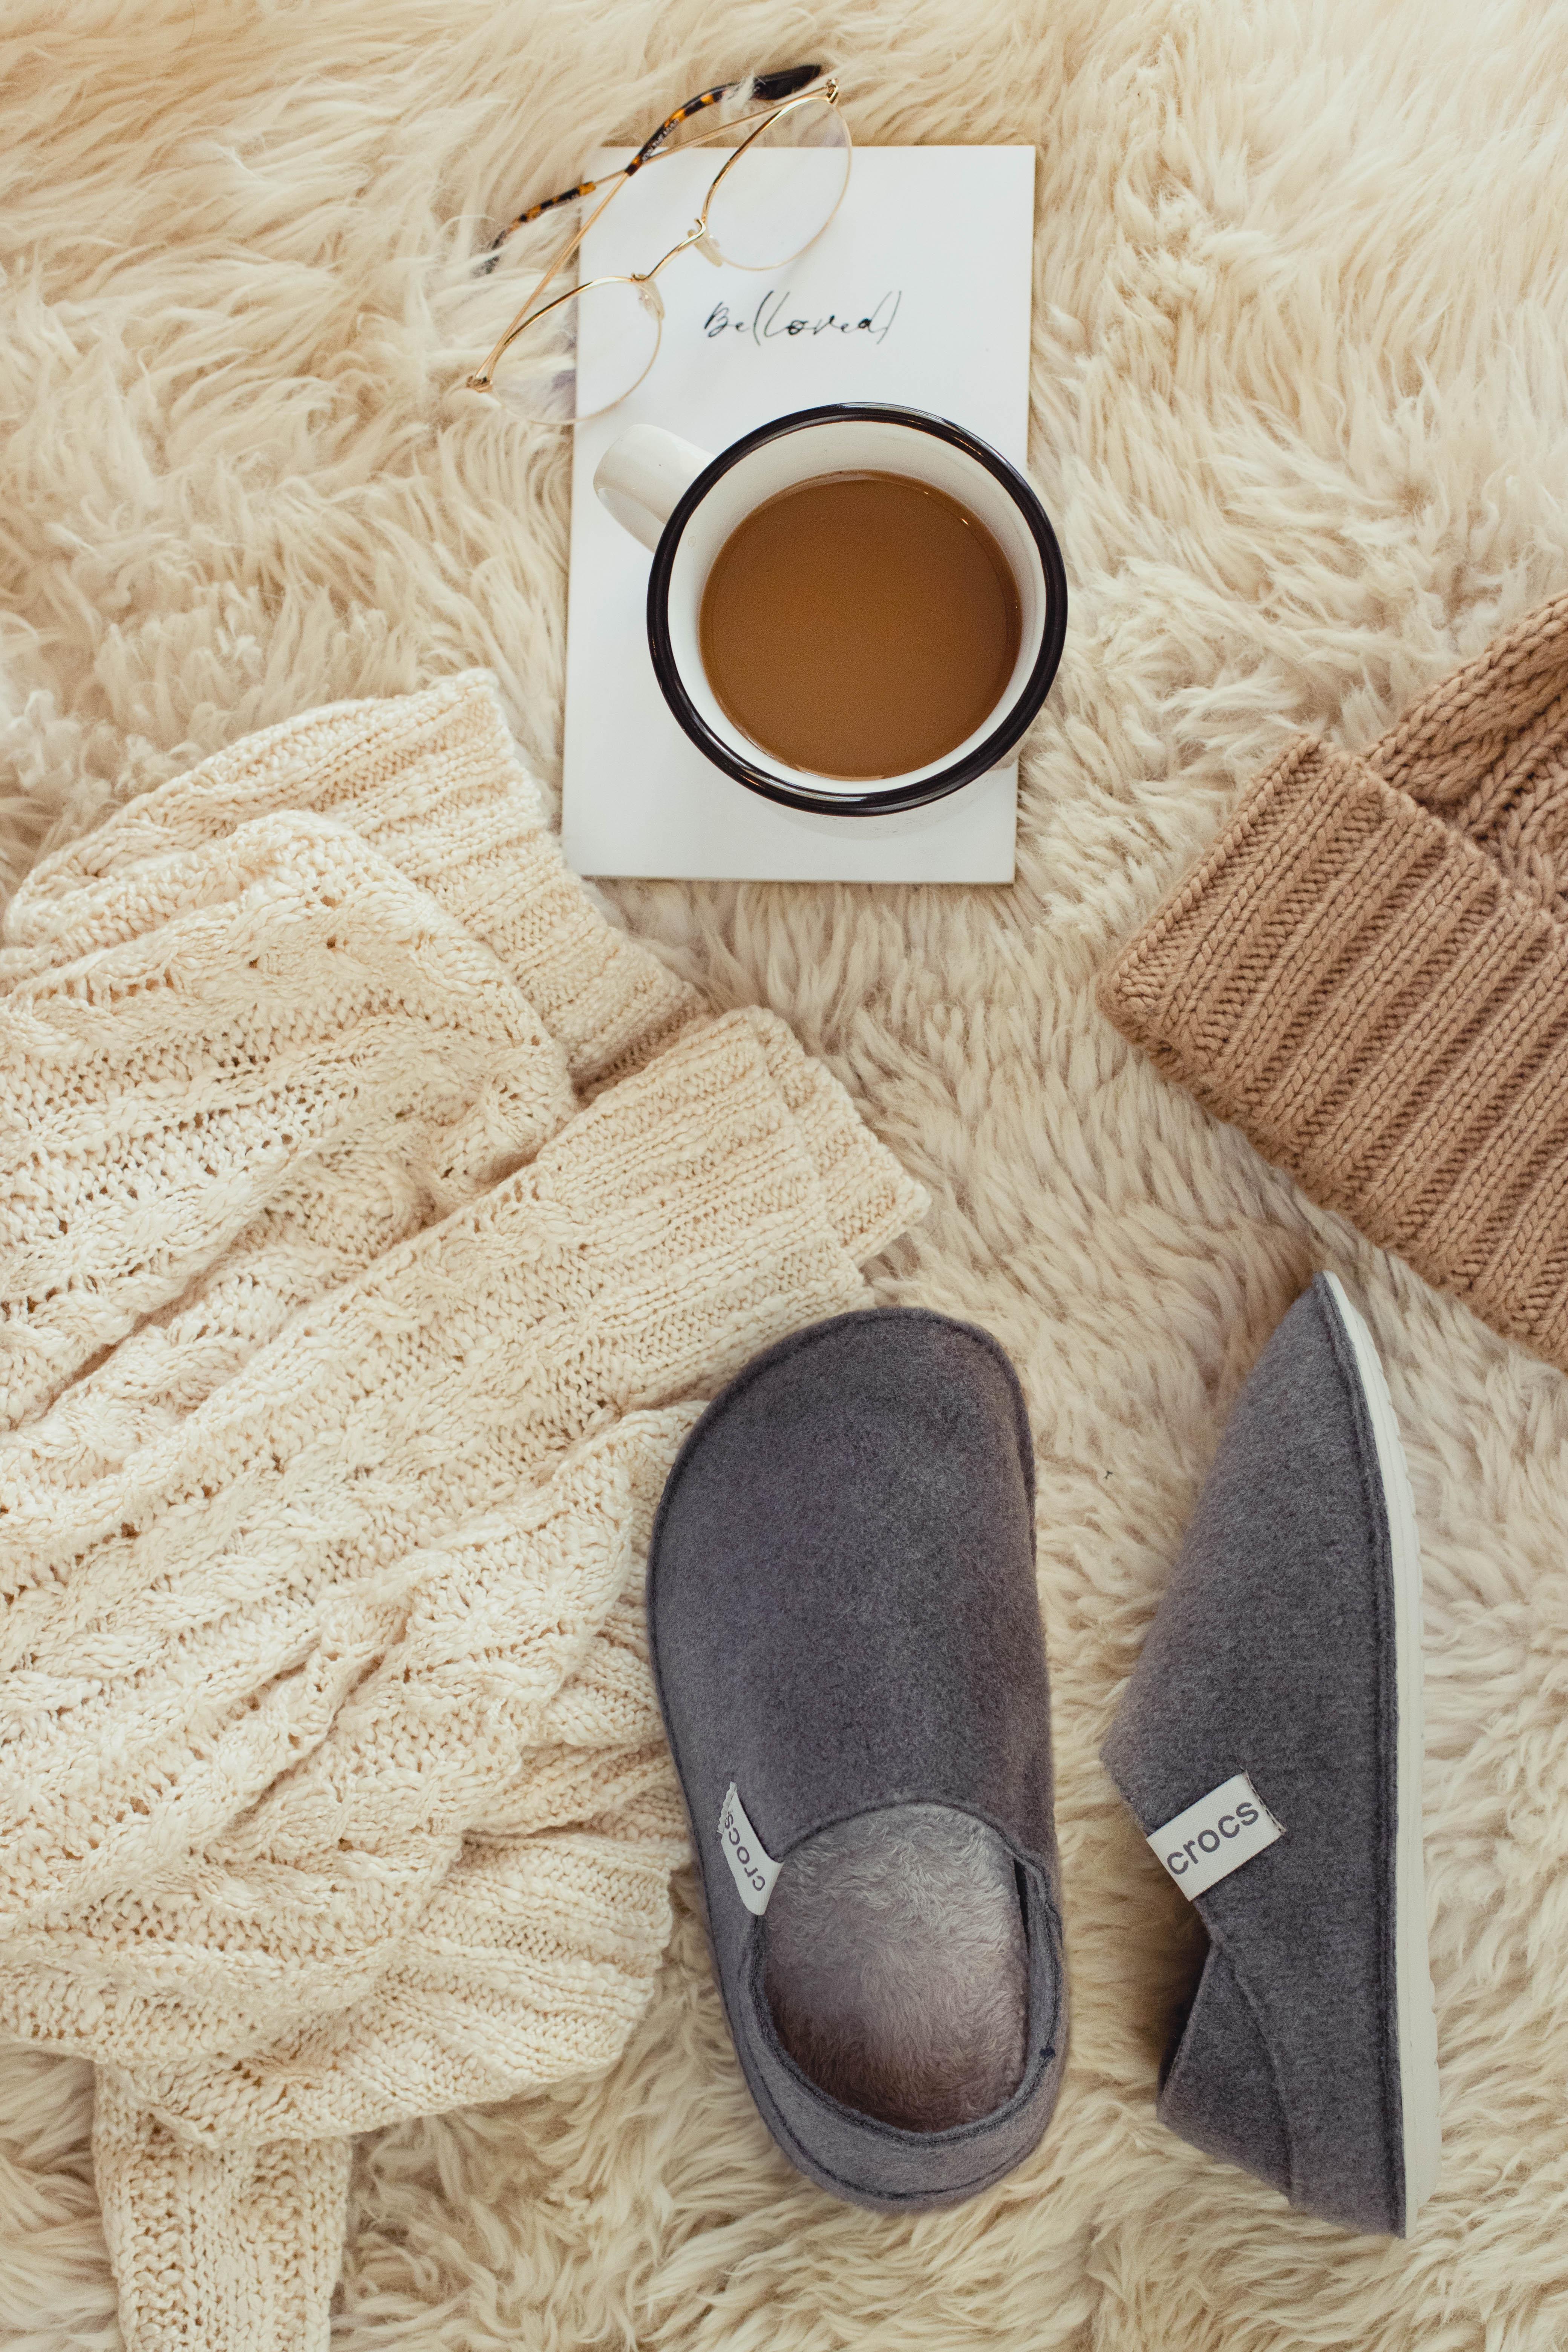 Утепляемся: тапочки Crocs для уютной зимы-Фото 1